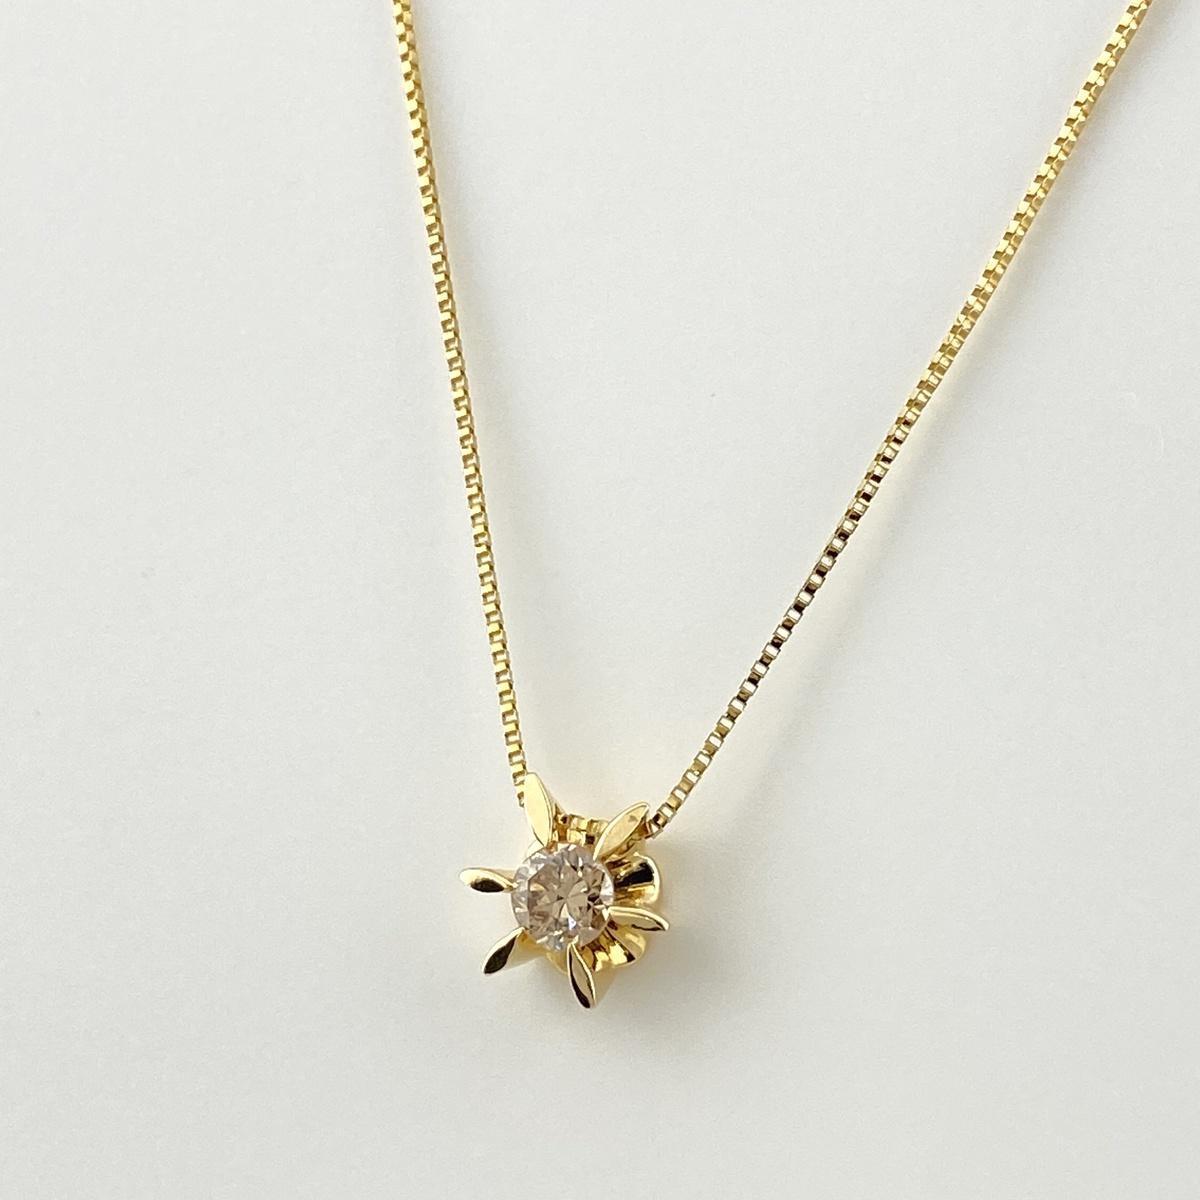 USED 送料無料 ダイヤモンド デザイン ネックレス 大決算セール K18 レディース ペンダント メーカー直売 中古 イエローゴールド YG